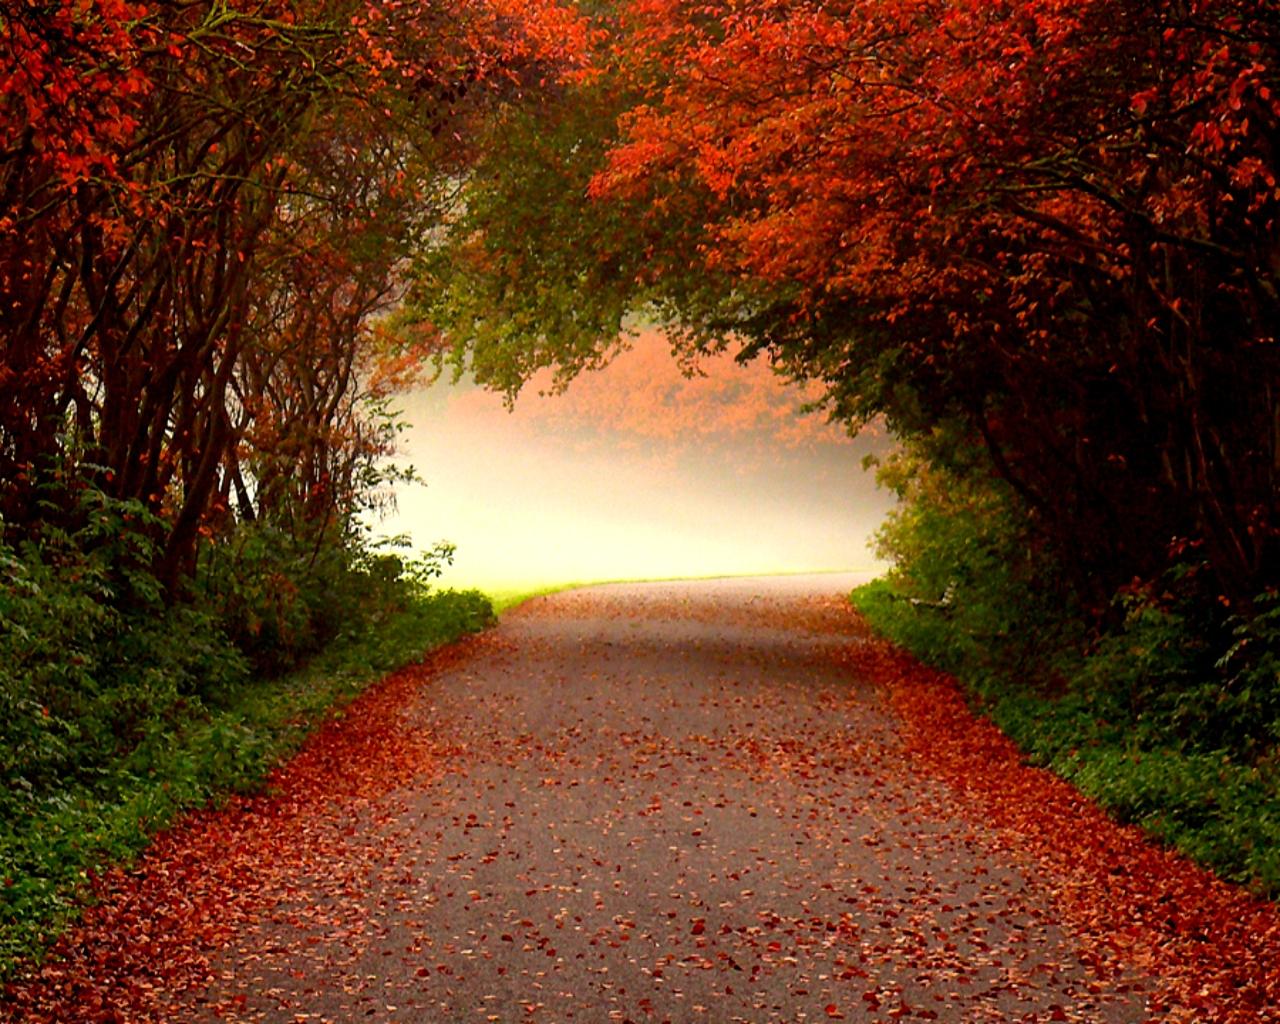 Autumn Desktop Wallpaper   HD Wallpapers 1280x1024